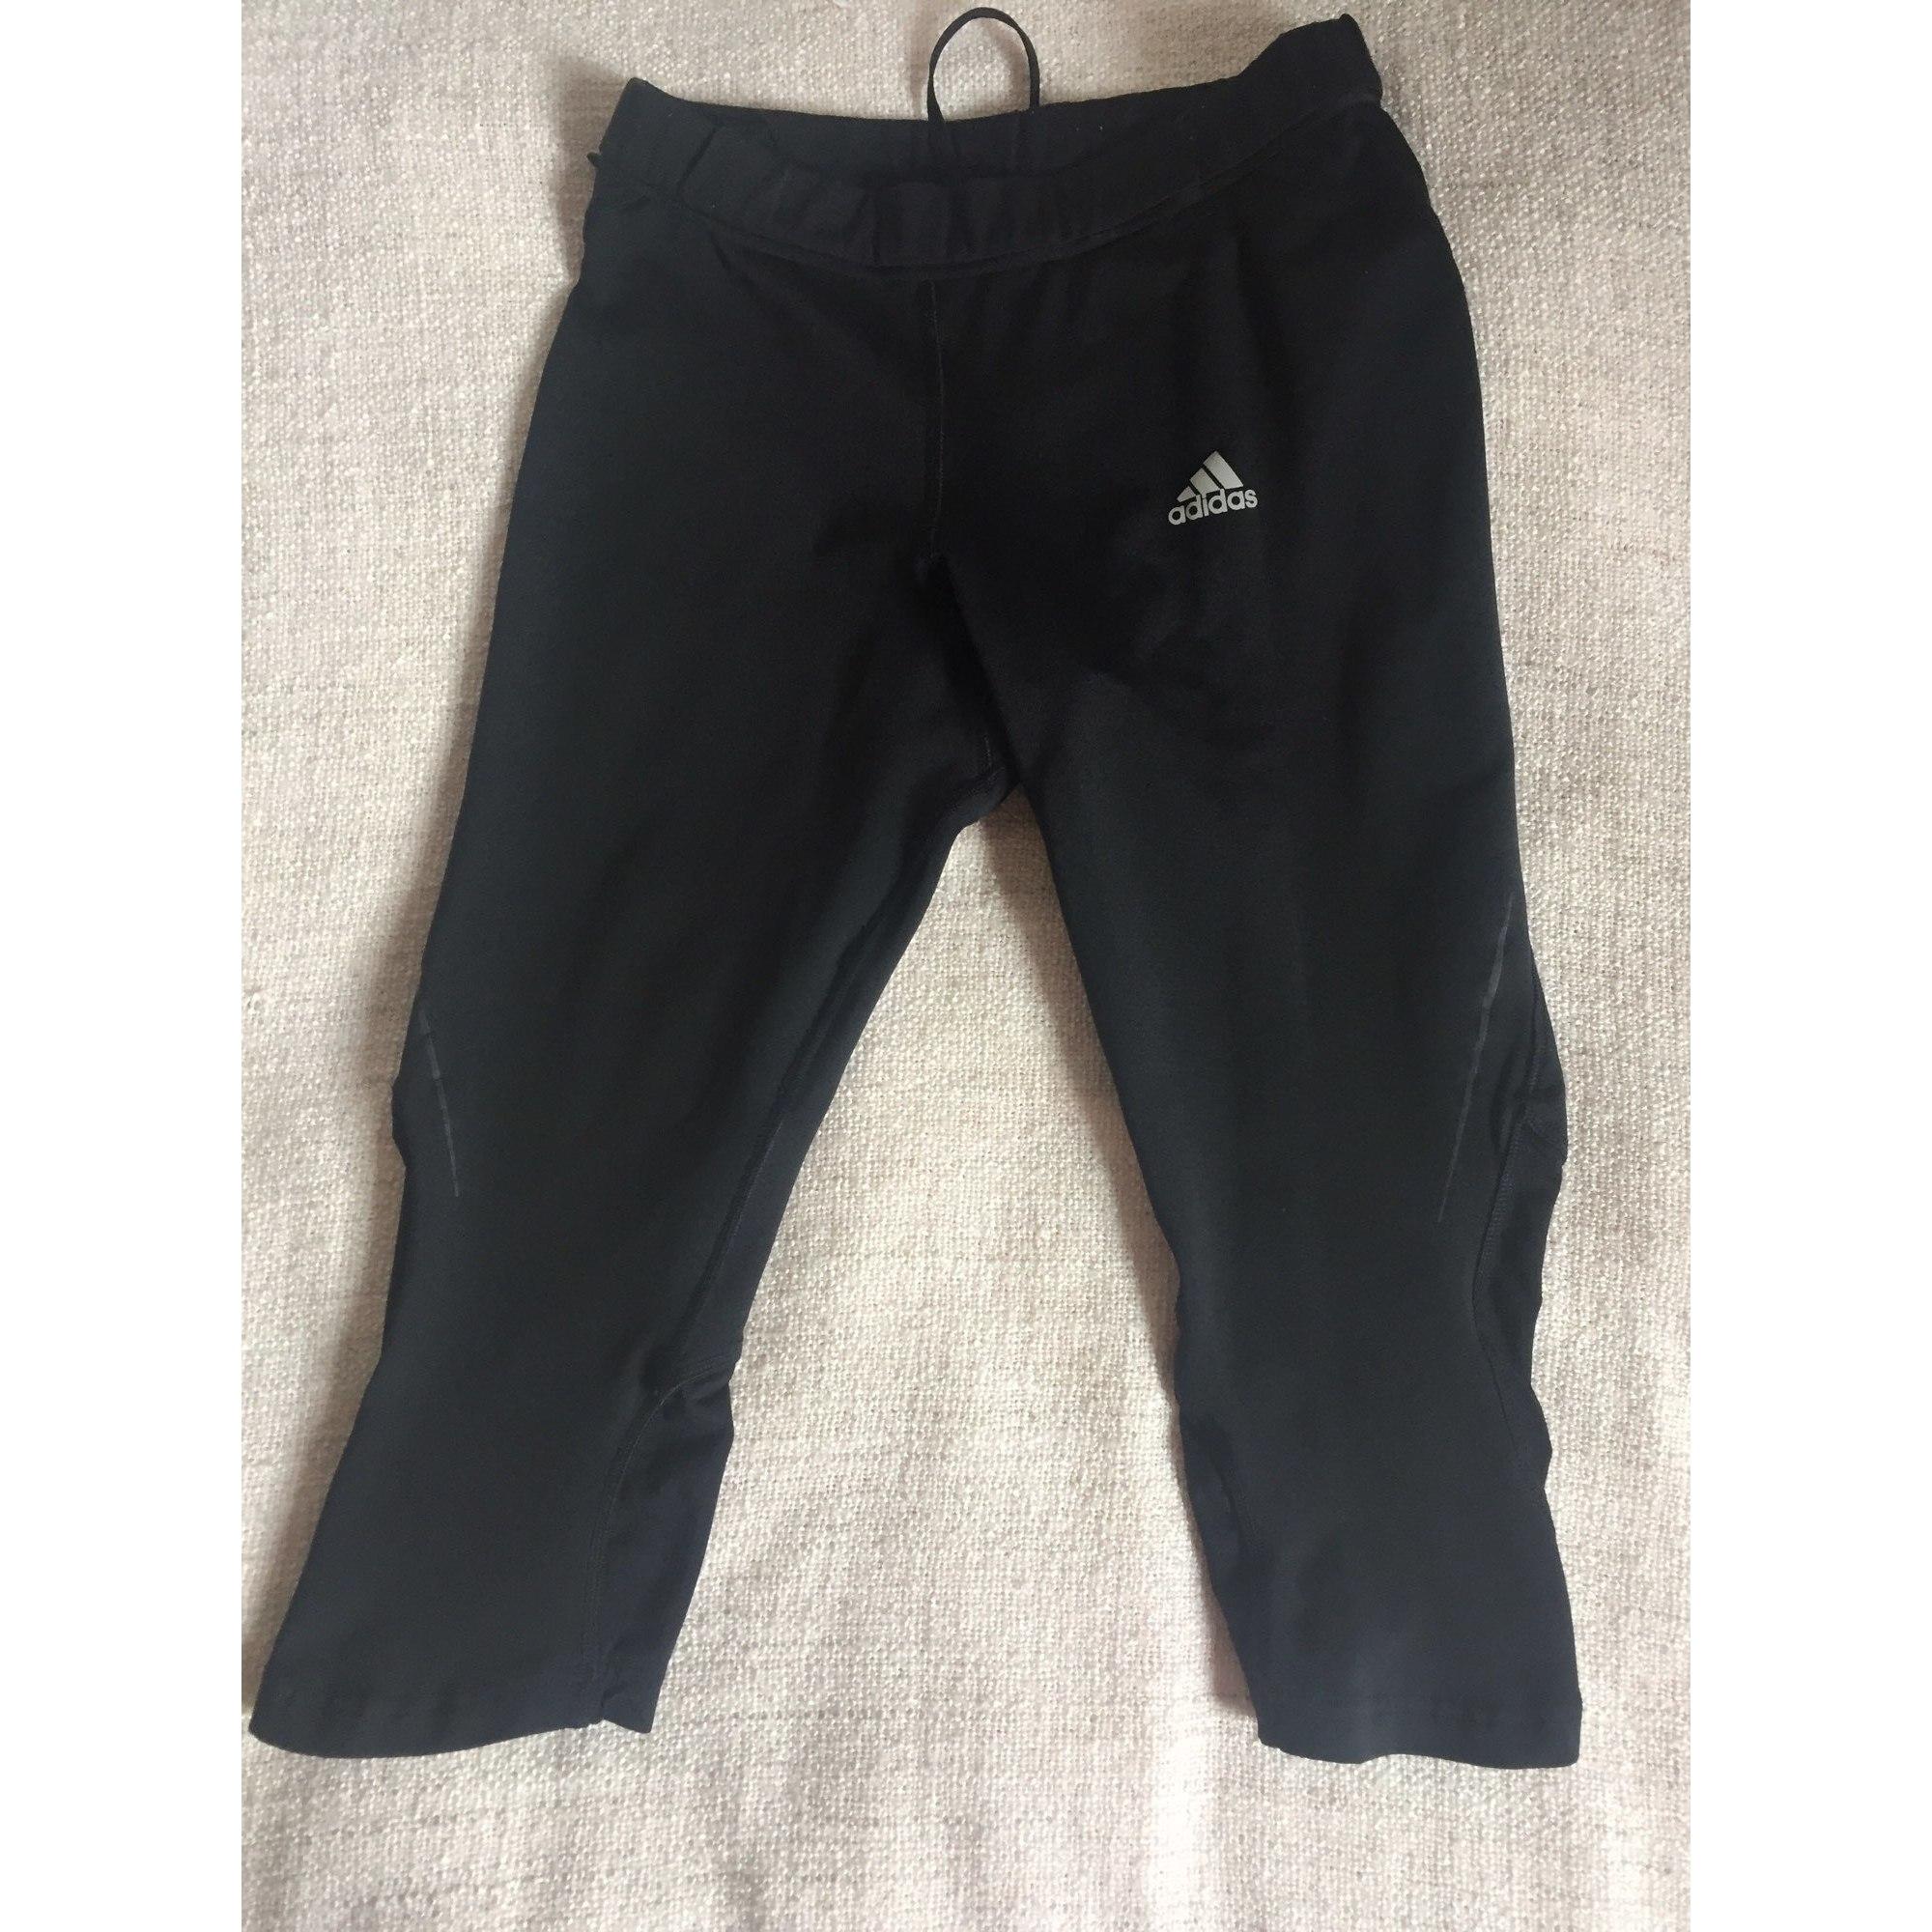 Noir De m 38 Survêtement T2 Adidas 6275846 Pantalon Y6g8fqg